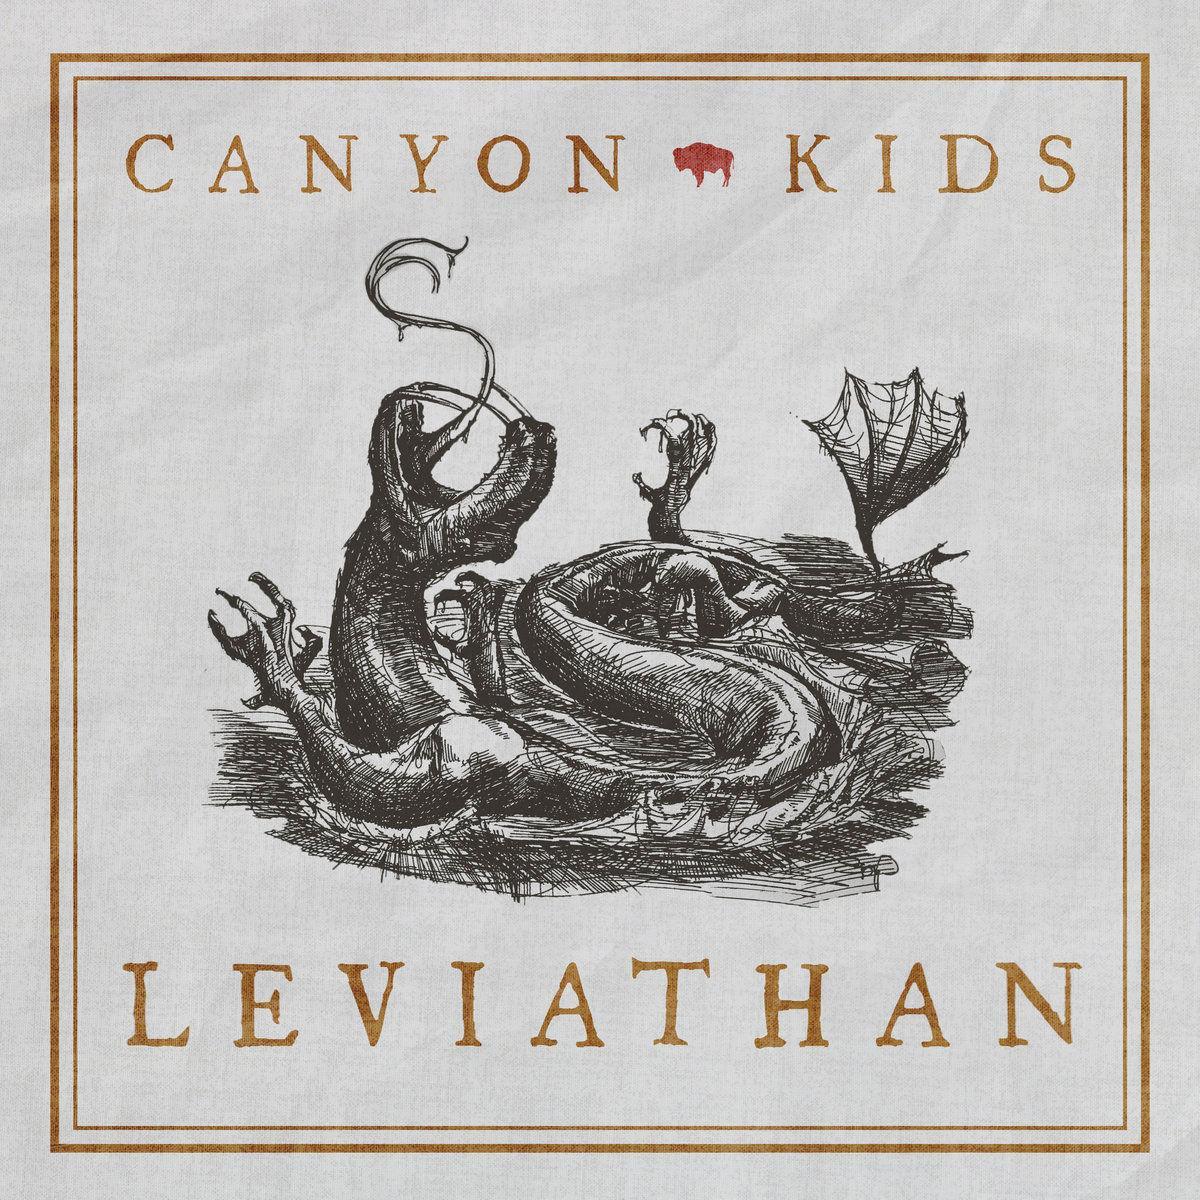 Canyon Kids